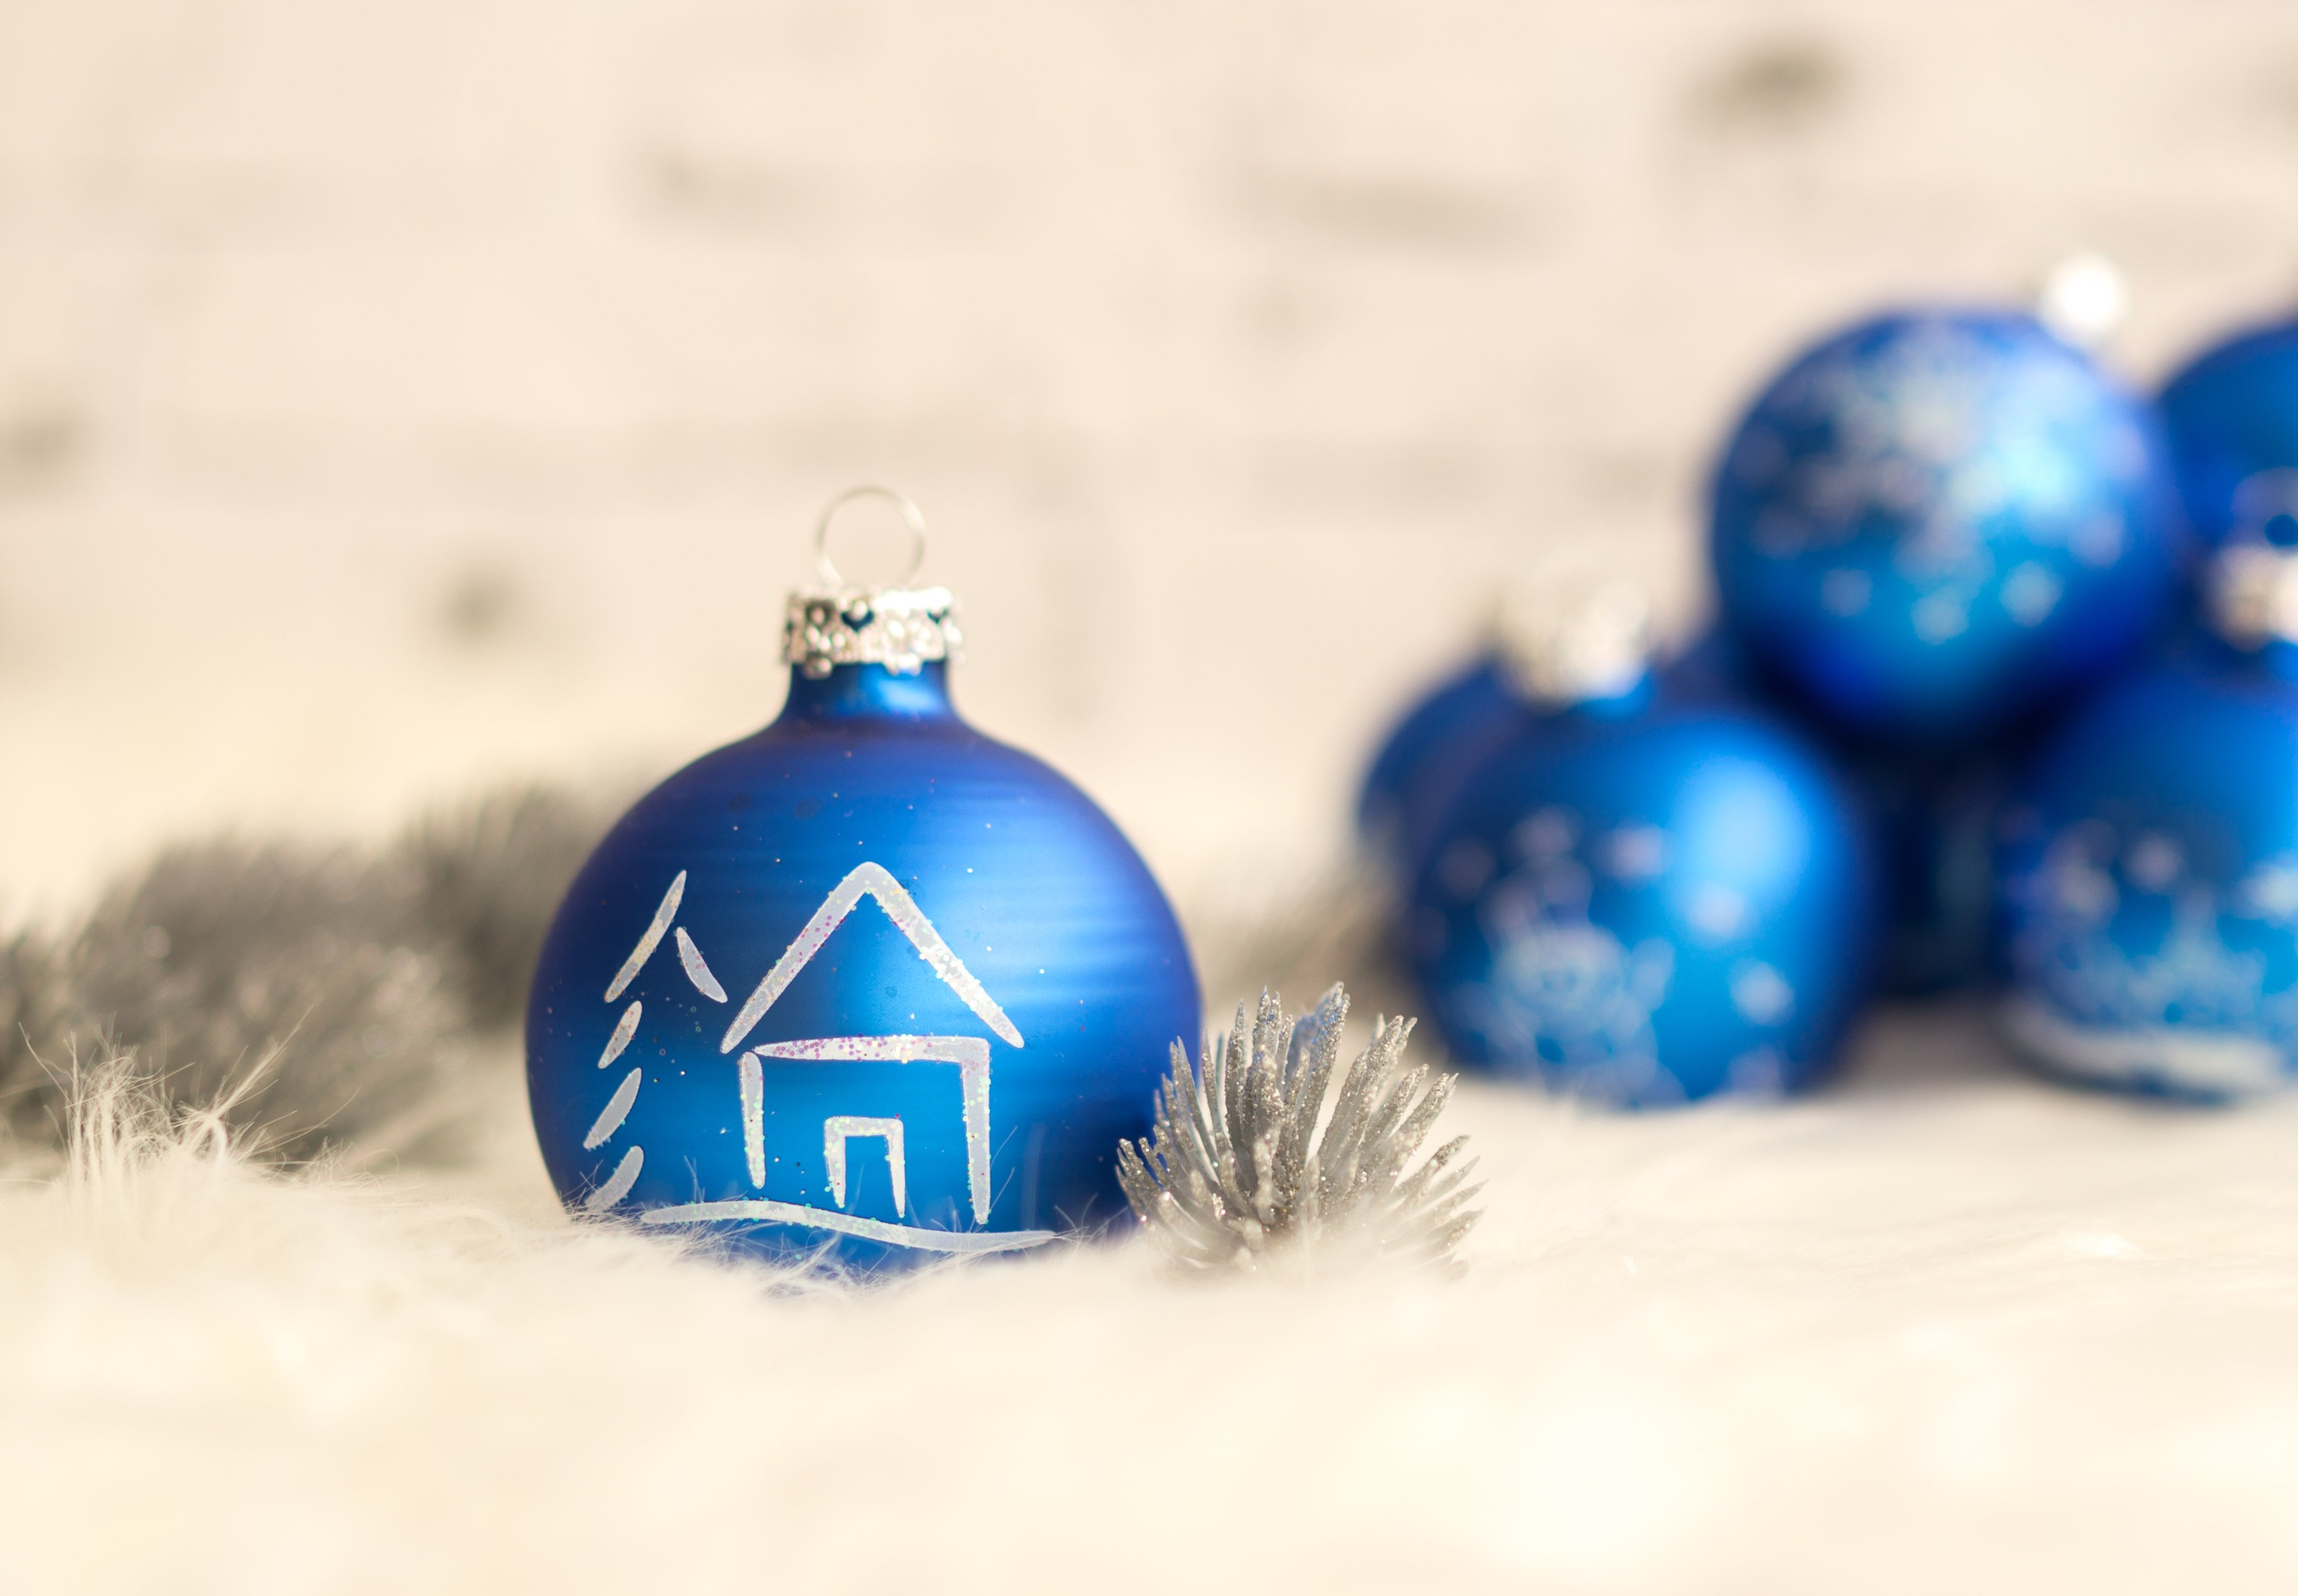 Christbaumkugeln Blau.Weihnachtskugel Bilder Christbaumschmuck Fotos Kostenlos